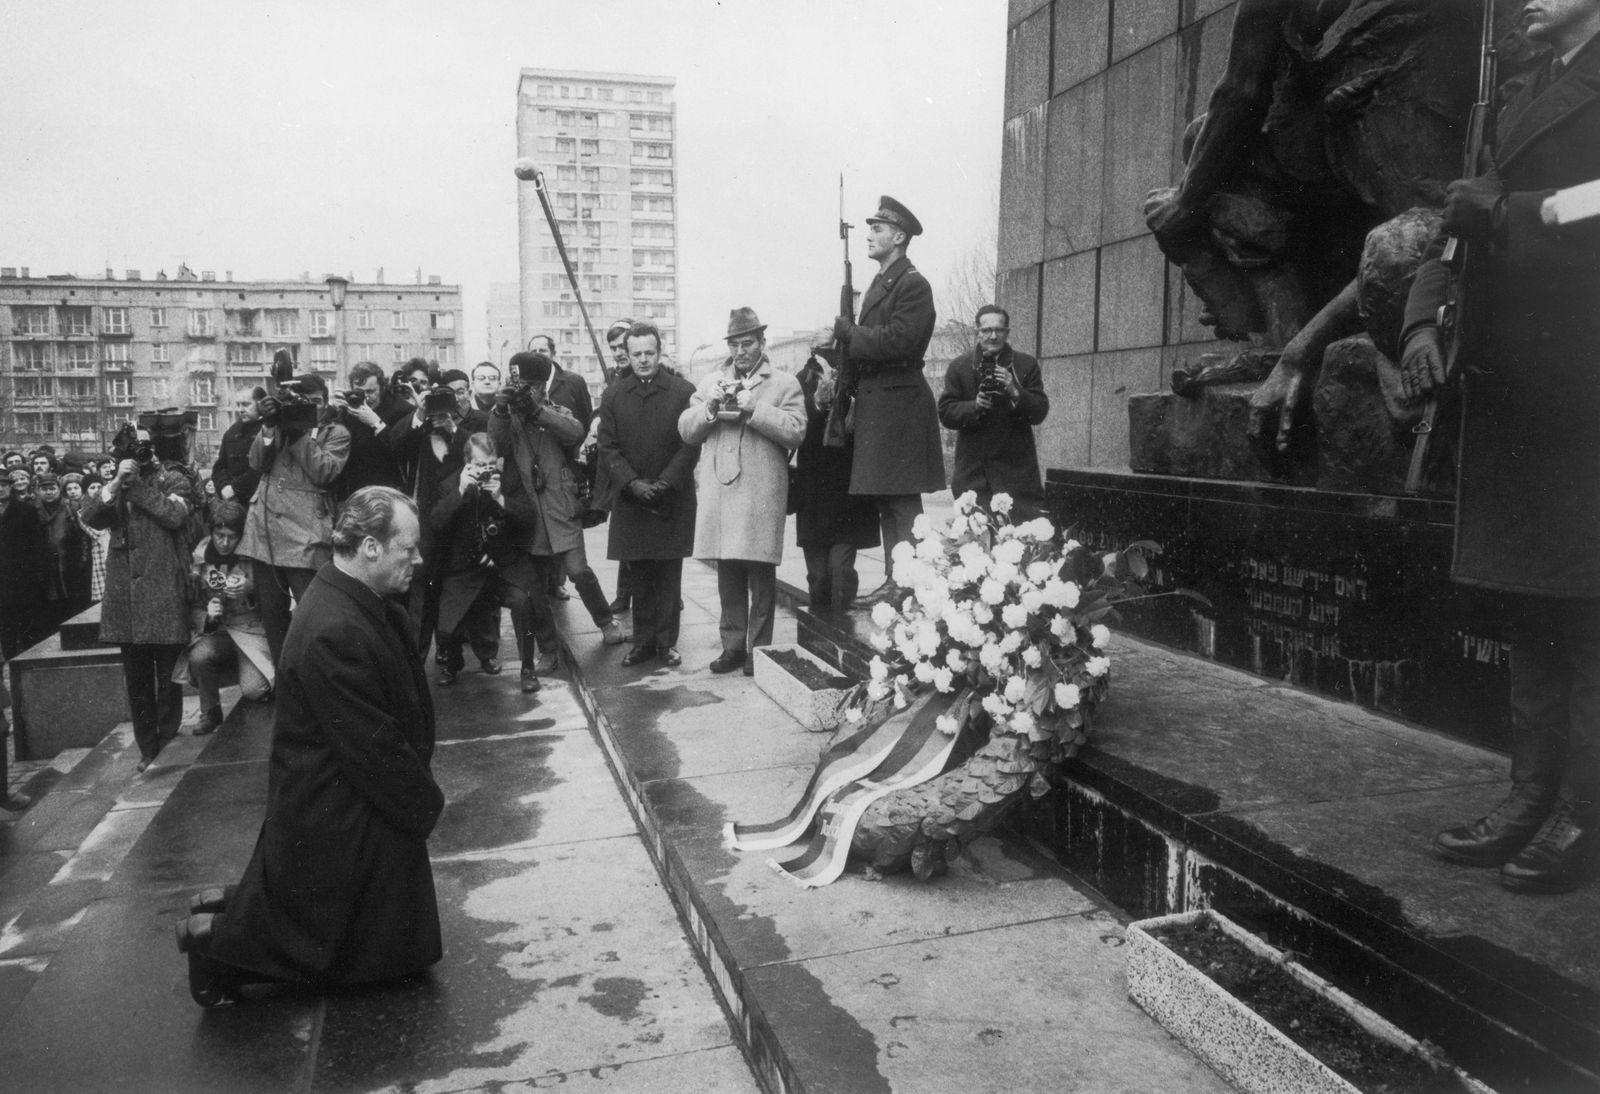 Staatsbesuch von Bundeskanzler Willy Brandt und Außenminister Walter Scheel in Polen (6. - 8. Dezember 1970)